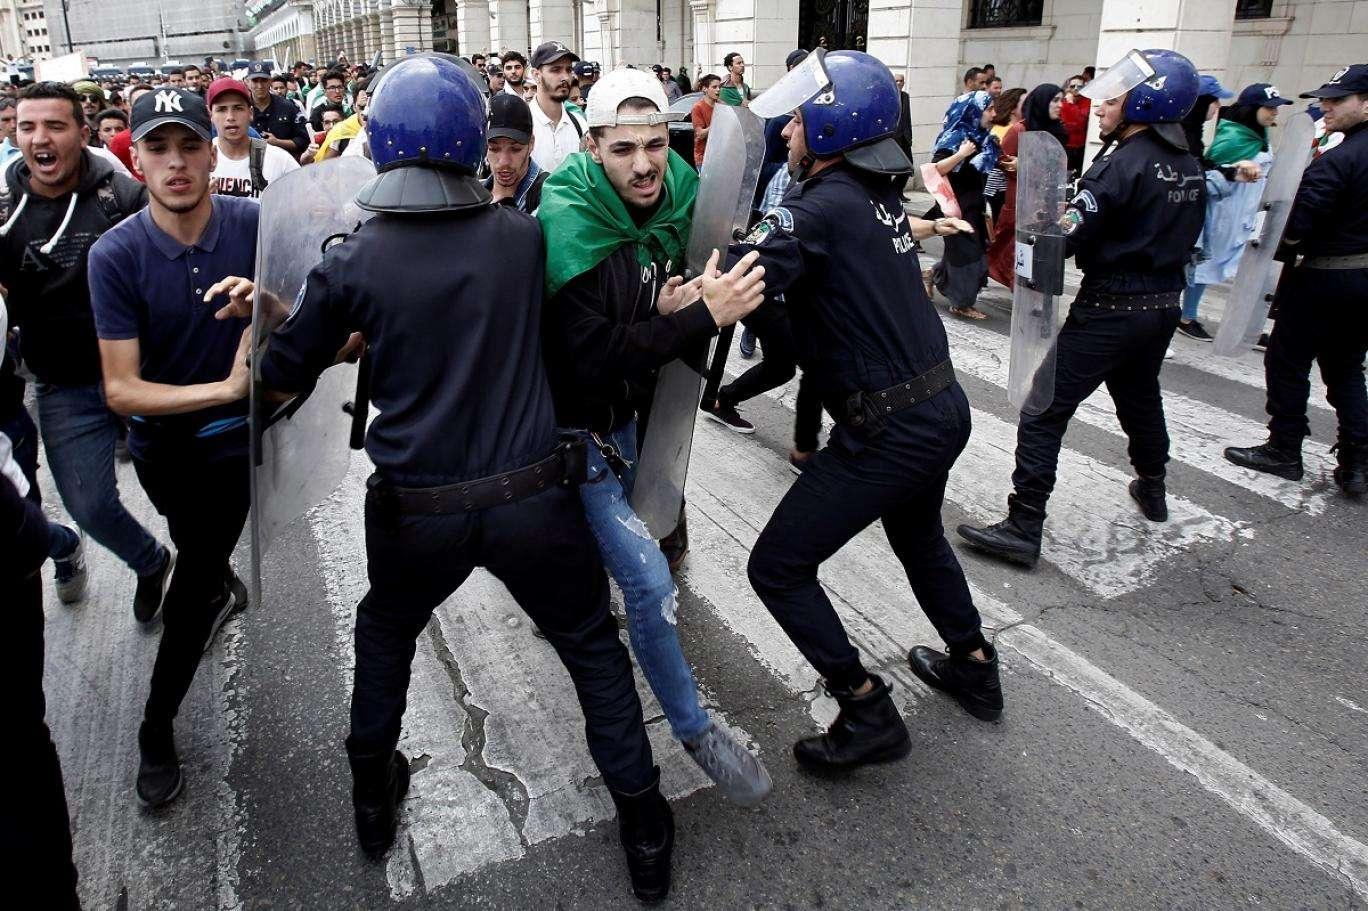 الجزائر.. الاعتداء على حراك الطلبة امتداد لسياسة التضييق على الحريات في البلاد